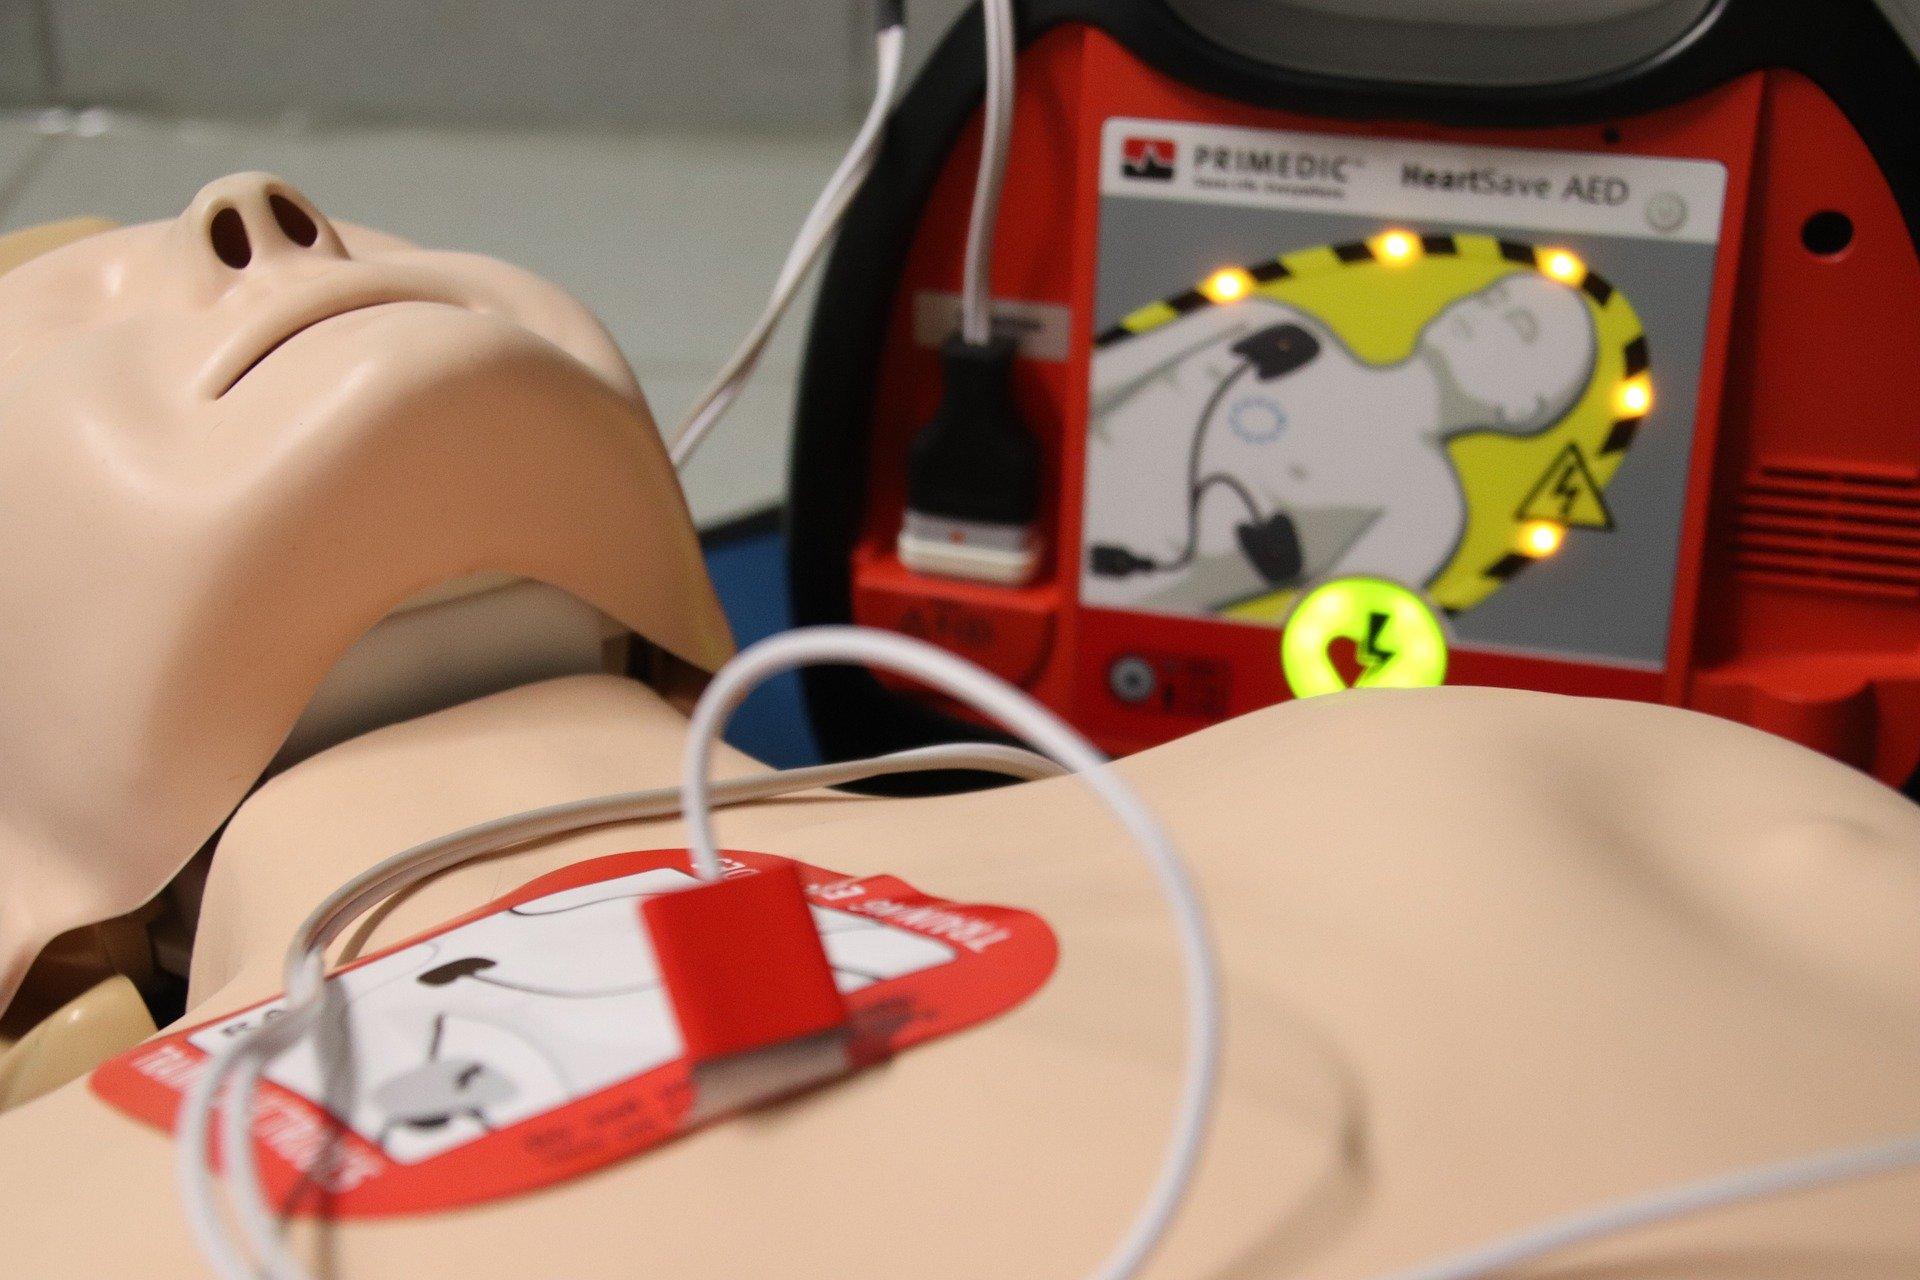 Hjertestarter-placeret-paa-en-krop